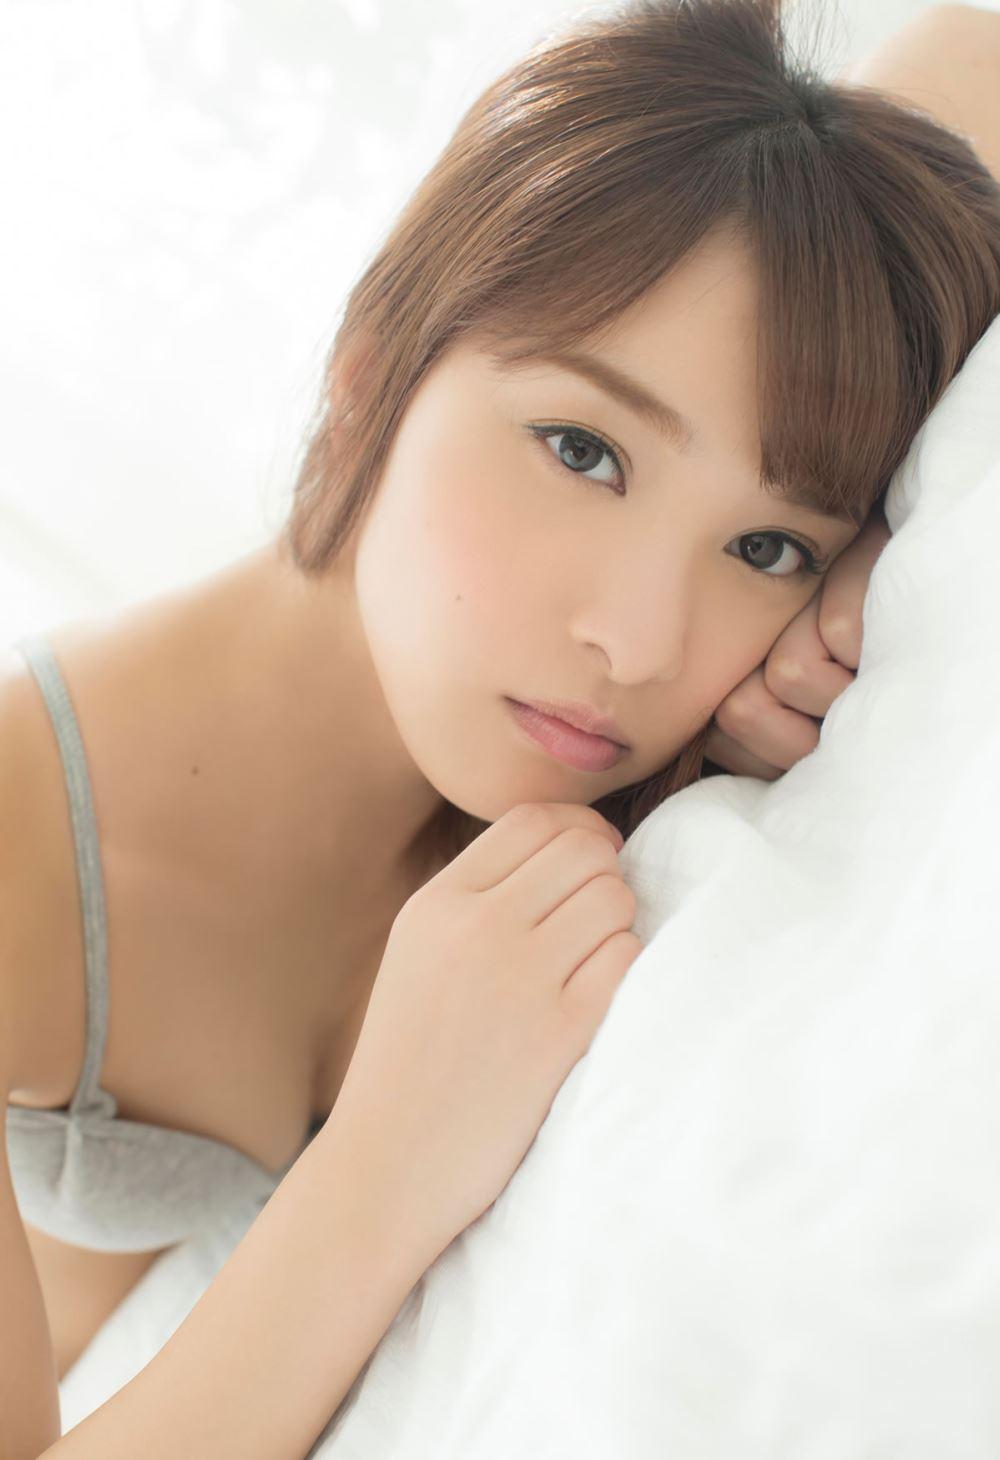 池田ショコラの下着姿がエロカワな過激グラビア画像 33